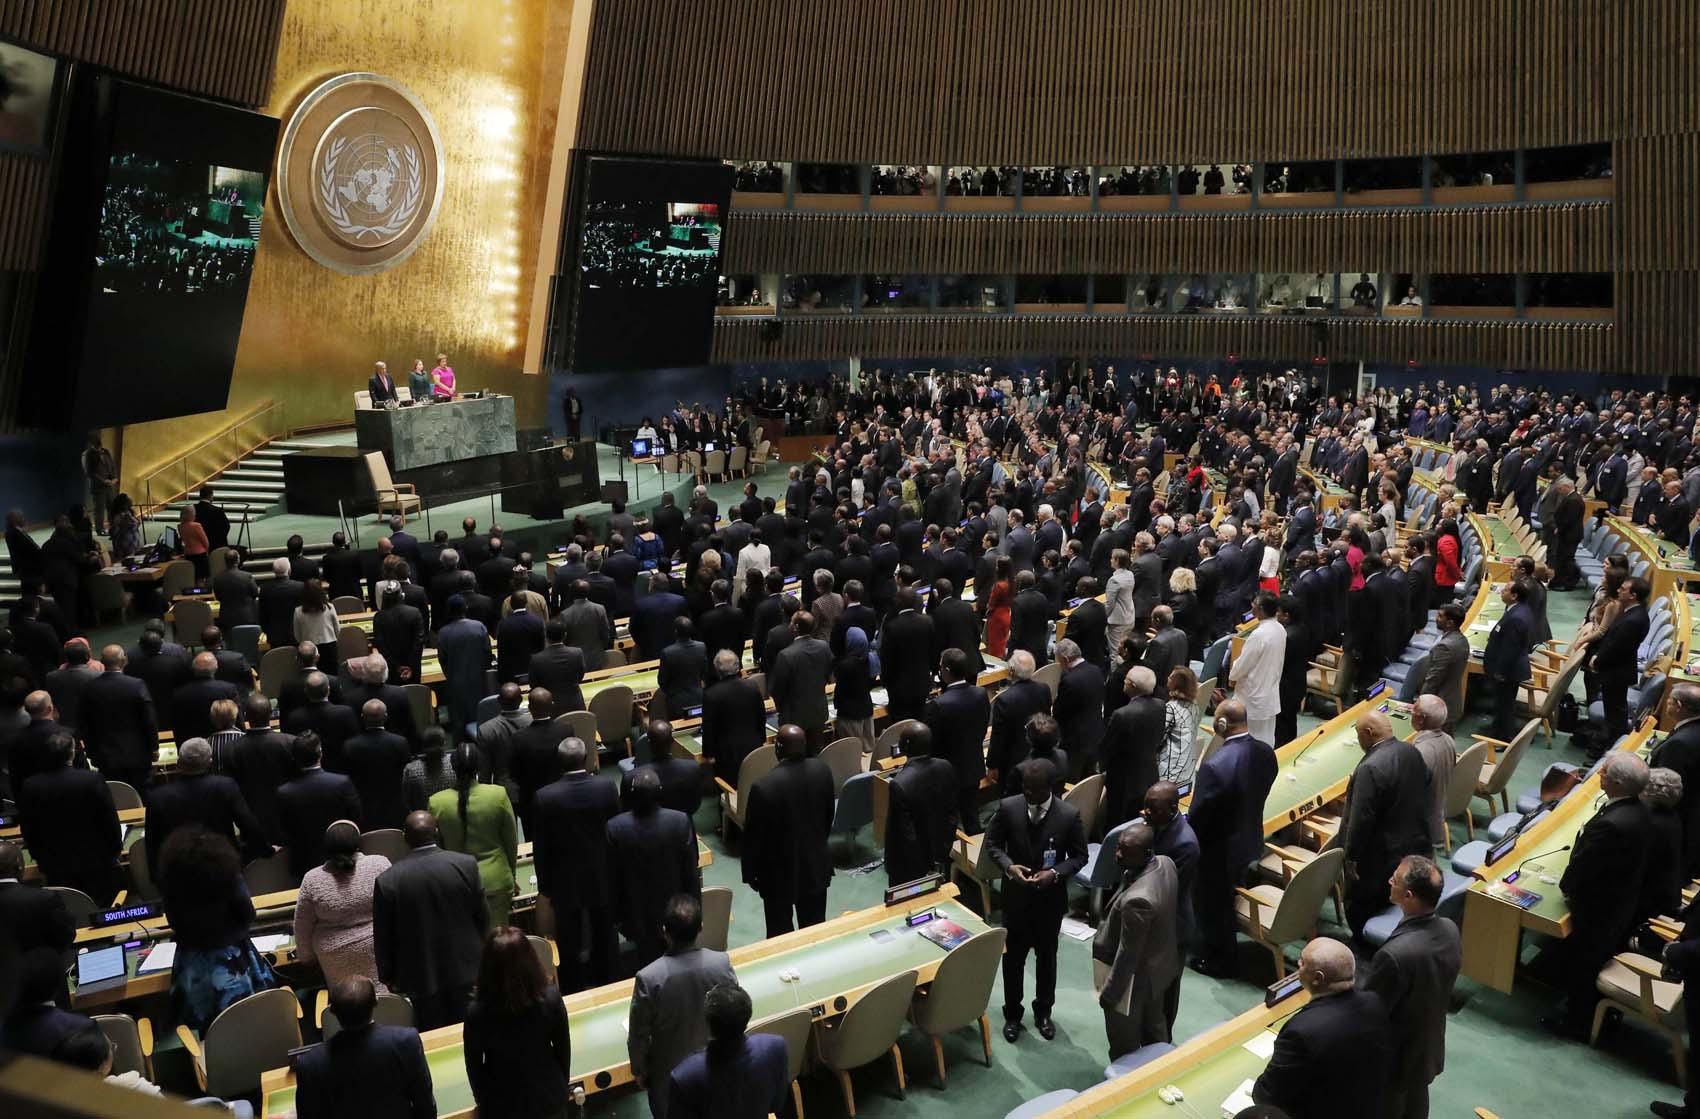 Comienza la Asamblea General de la ONU en Nueva York